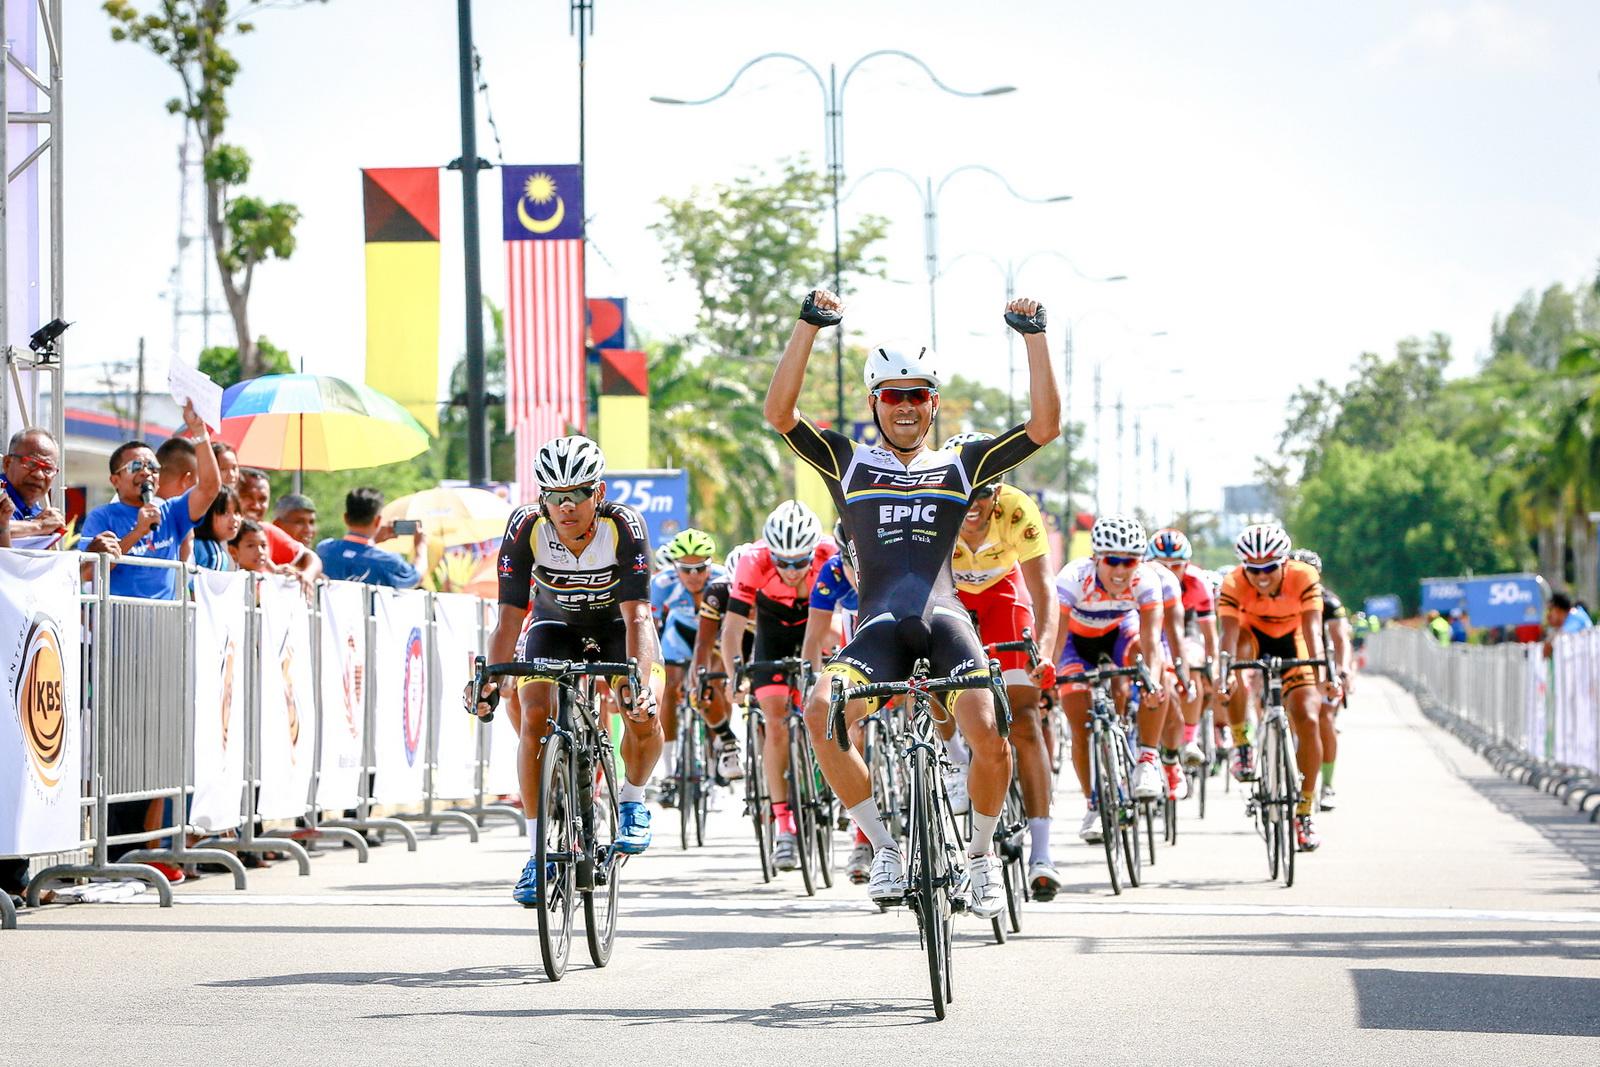 Jelajah Malaysia 2014 - Stage 2 - Winner